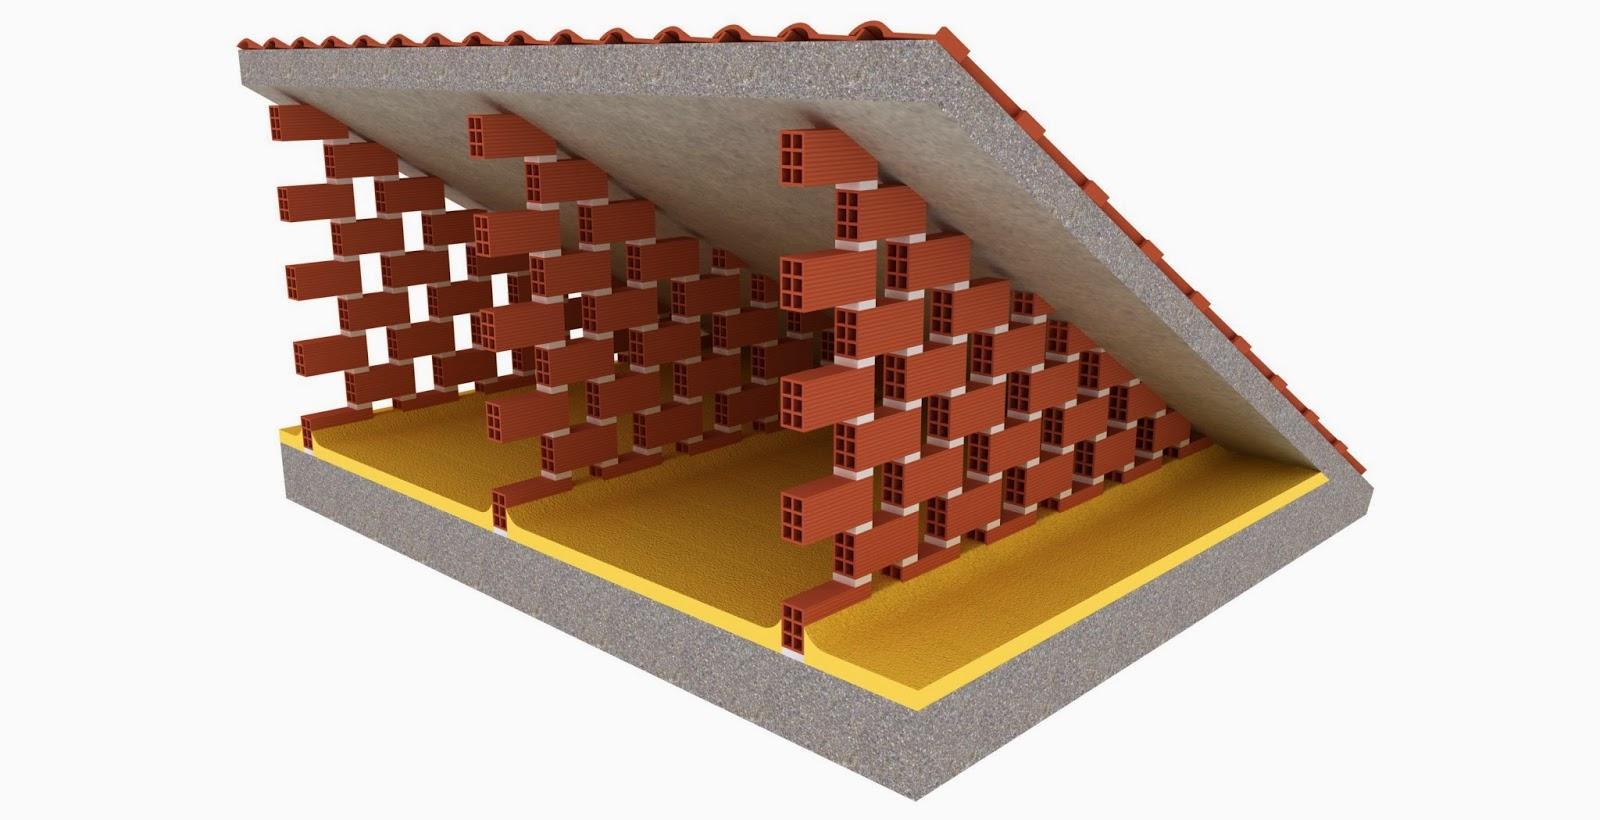 Foroalba iles a mi consulta sobre tejado forocoches - Material para tejados ...